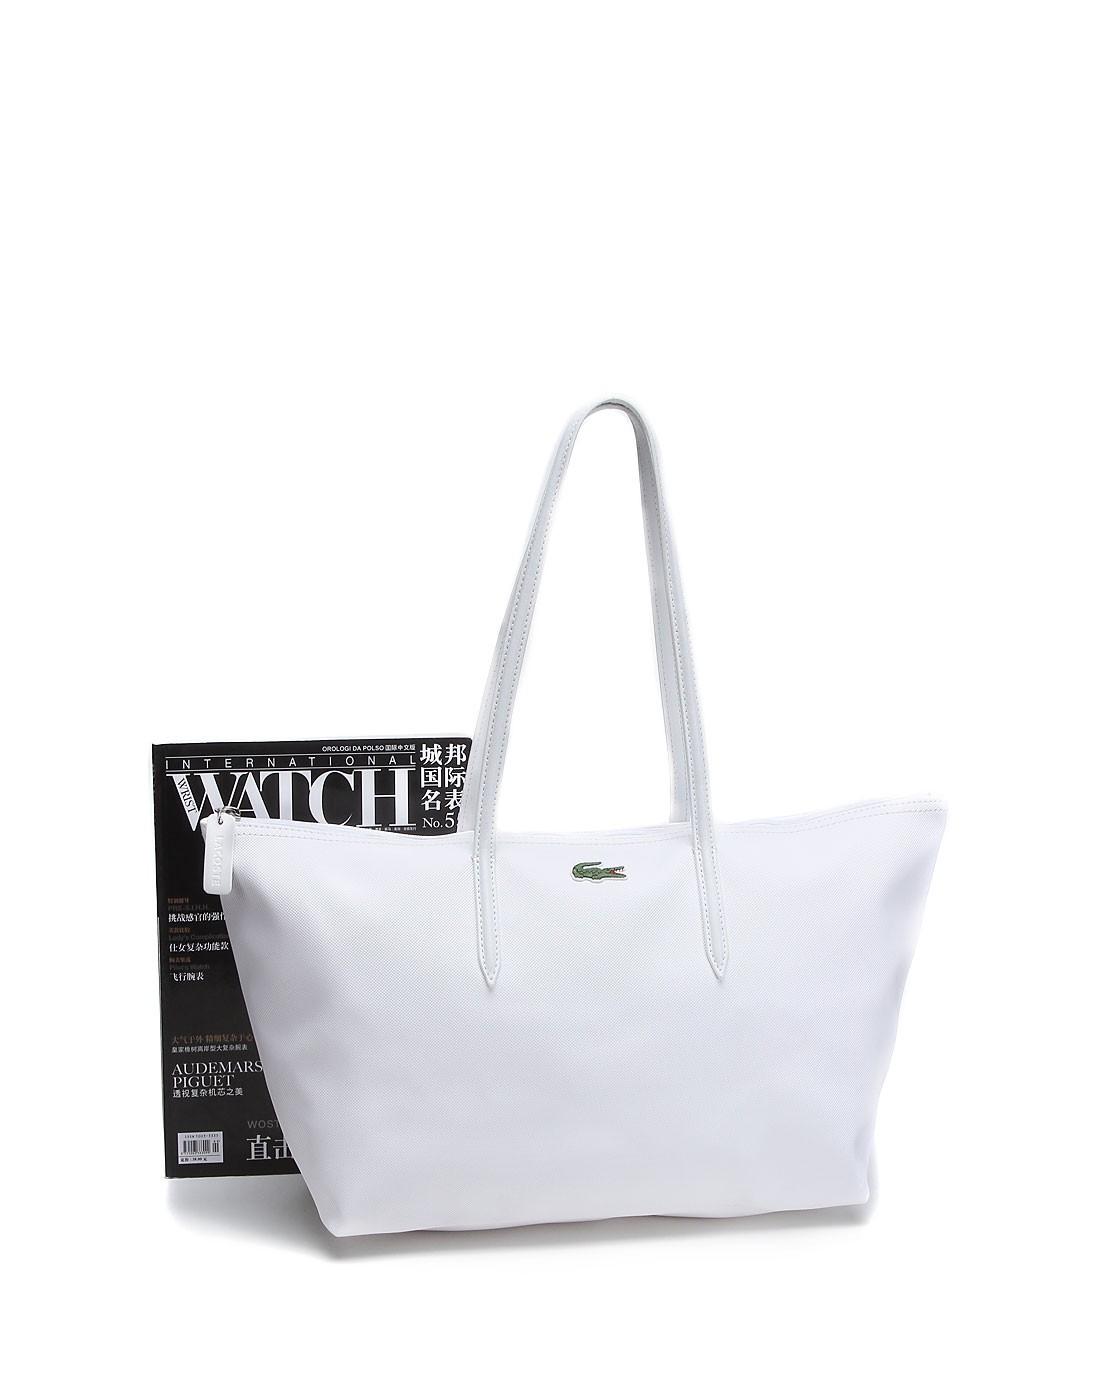 鳄鱼lacoste男女鞋包配件专场女款白色俏丽简约手提袋